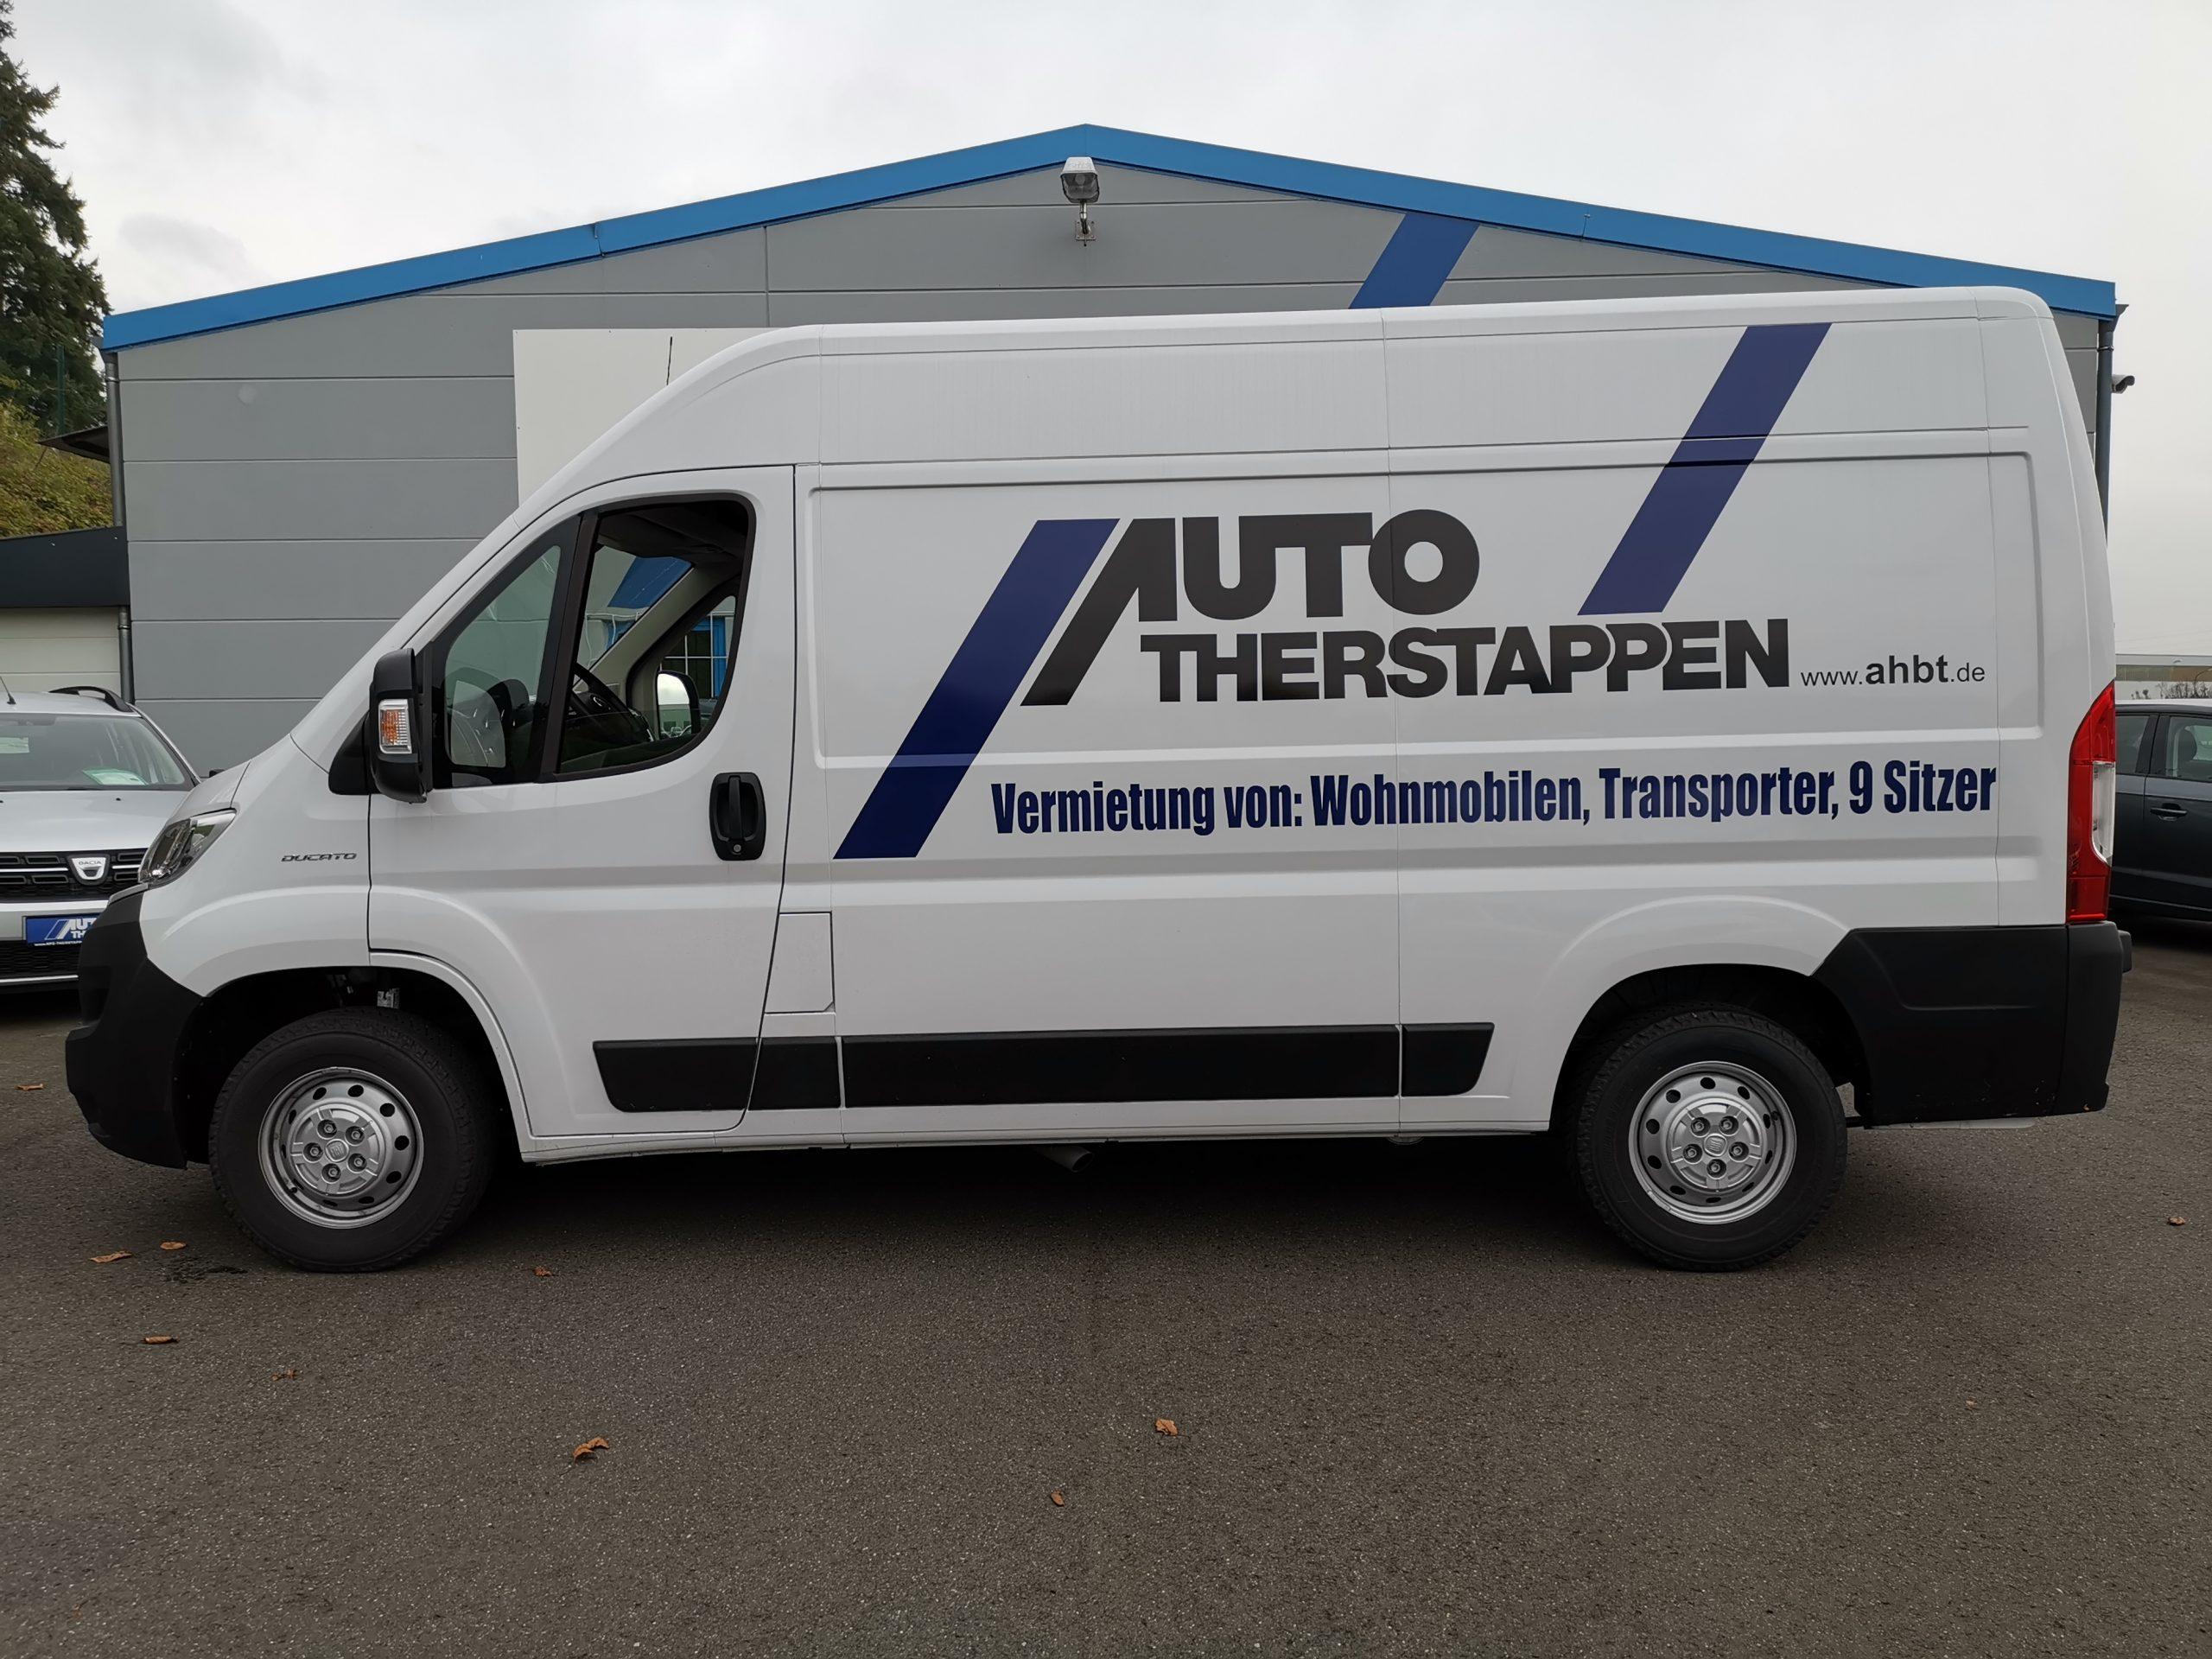 Transporter Fiat Ducato L2h2 Mieten Autohaus Therstappen